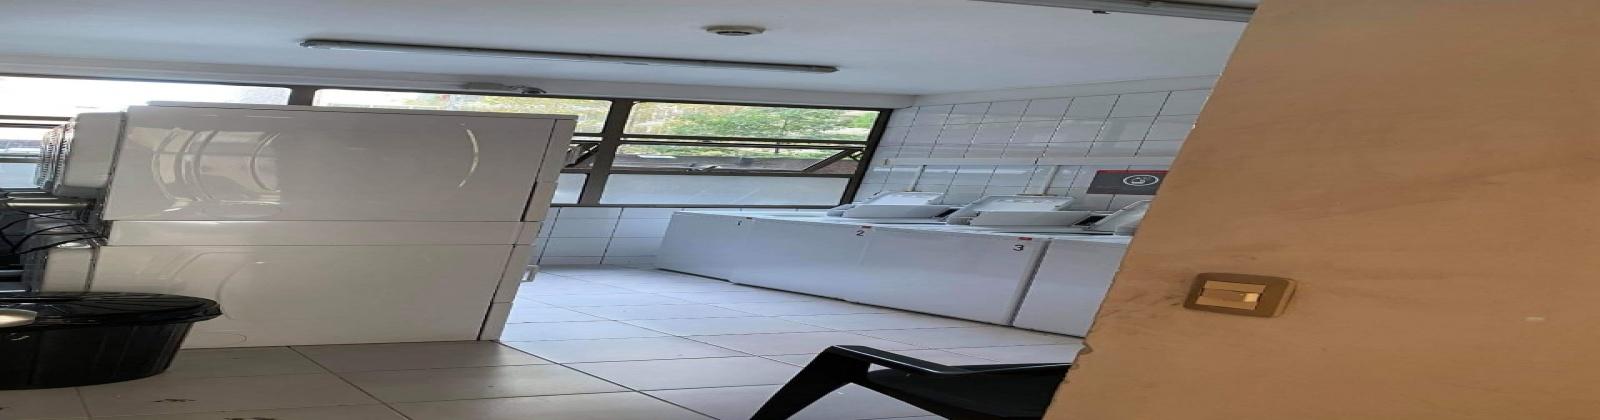 870 Santo Domingo, Santiago, R. Metropolitana, 2 Habitaciones Habitaciones, ,1 BañoBathrooms,Departamento,Arriendo,Santo Domingo,1078